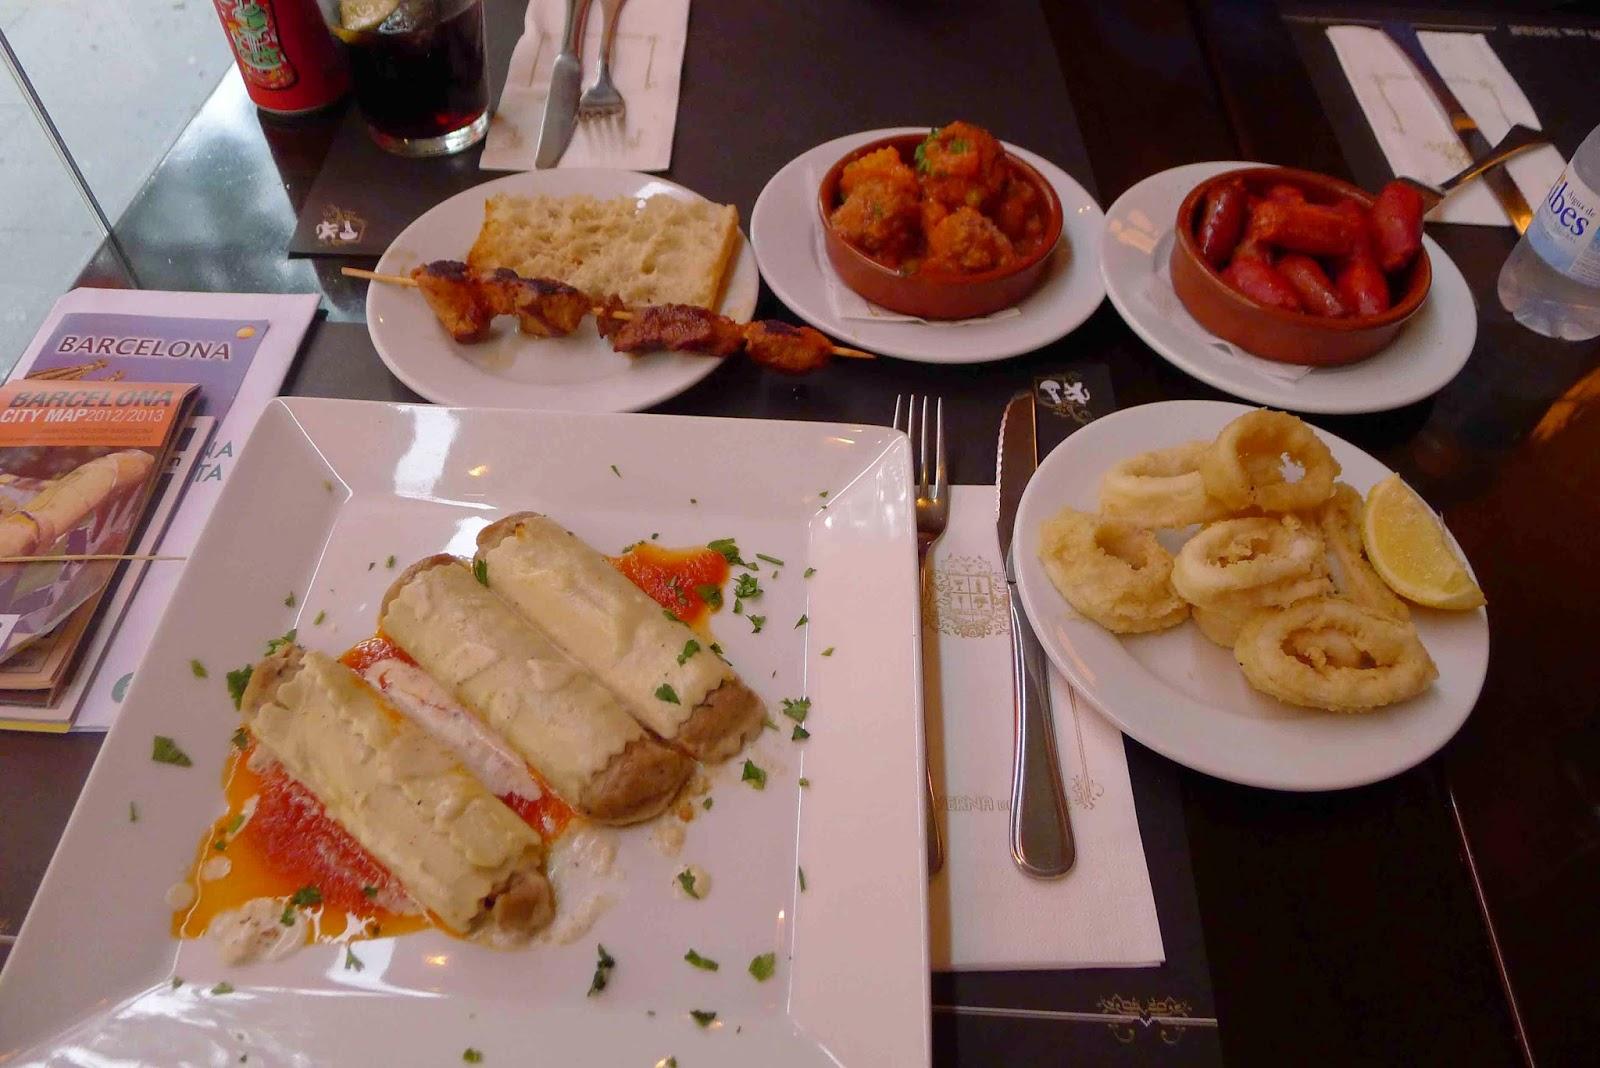 Cafe Bisbe tapas